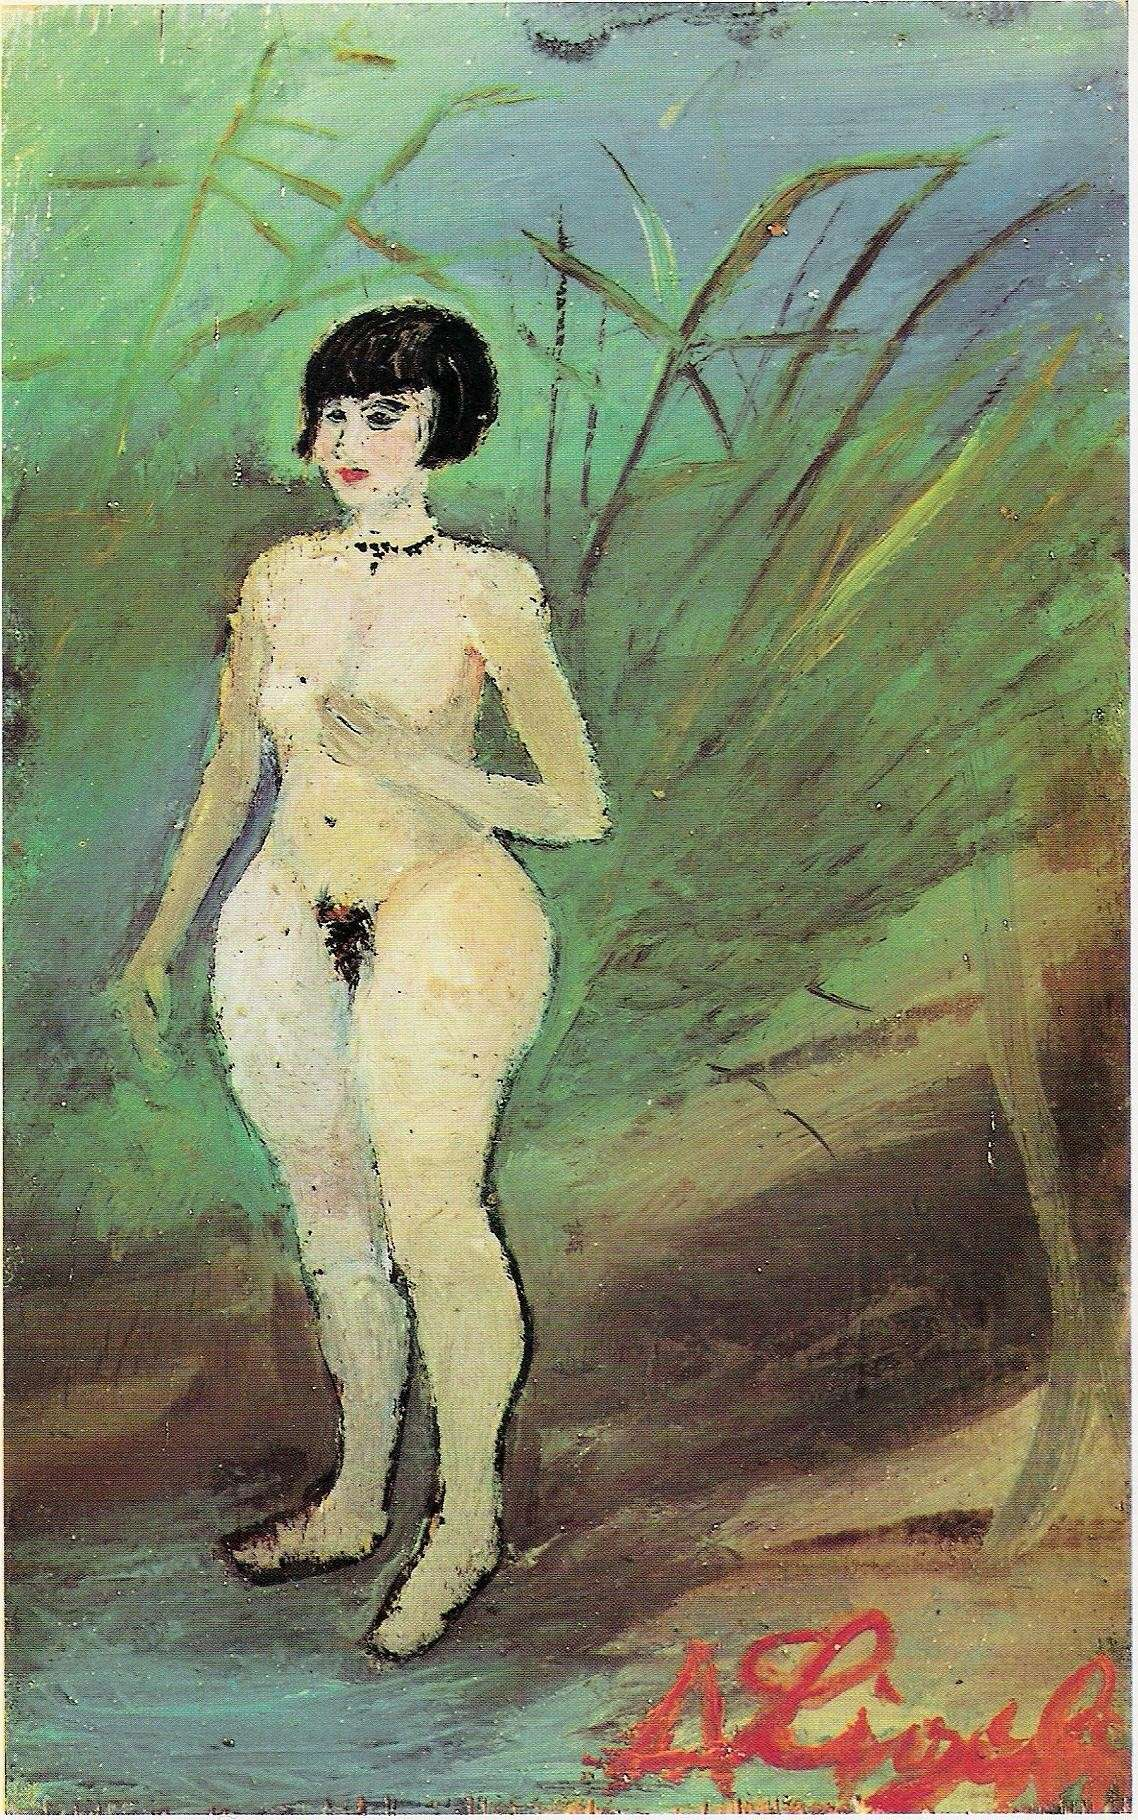 nudo-di-donna-1929.jpg